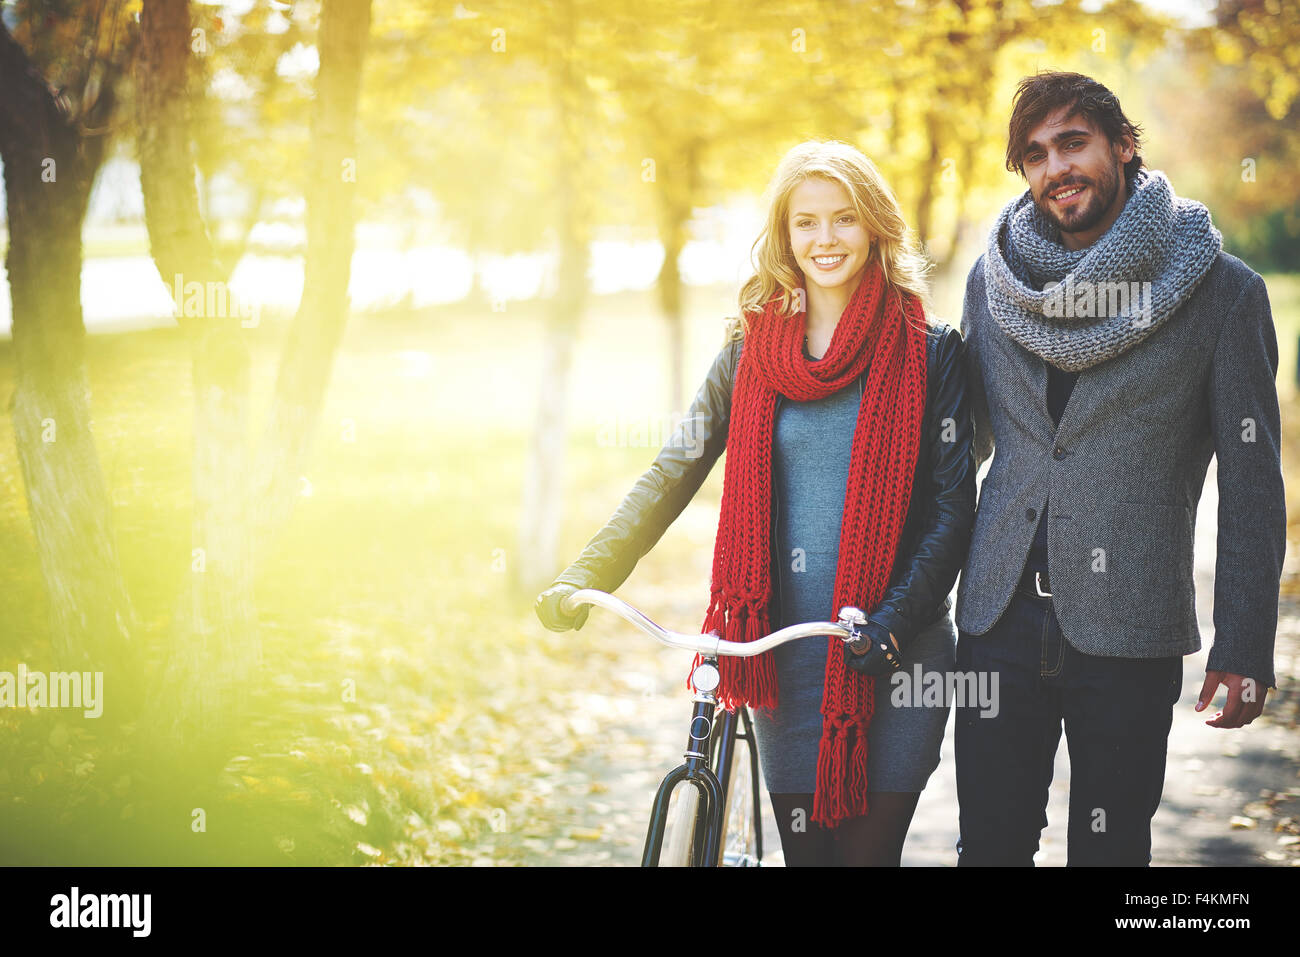 Pareja romántica con bicicleta pasar un fin de semana en el parque de otoño Foto de stock